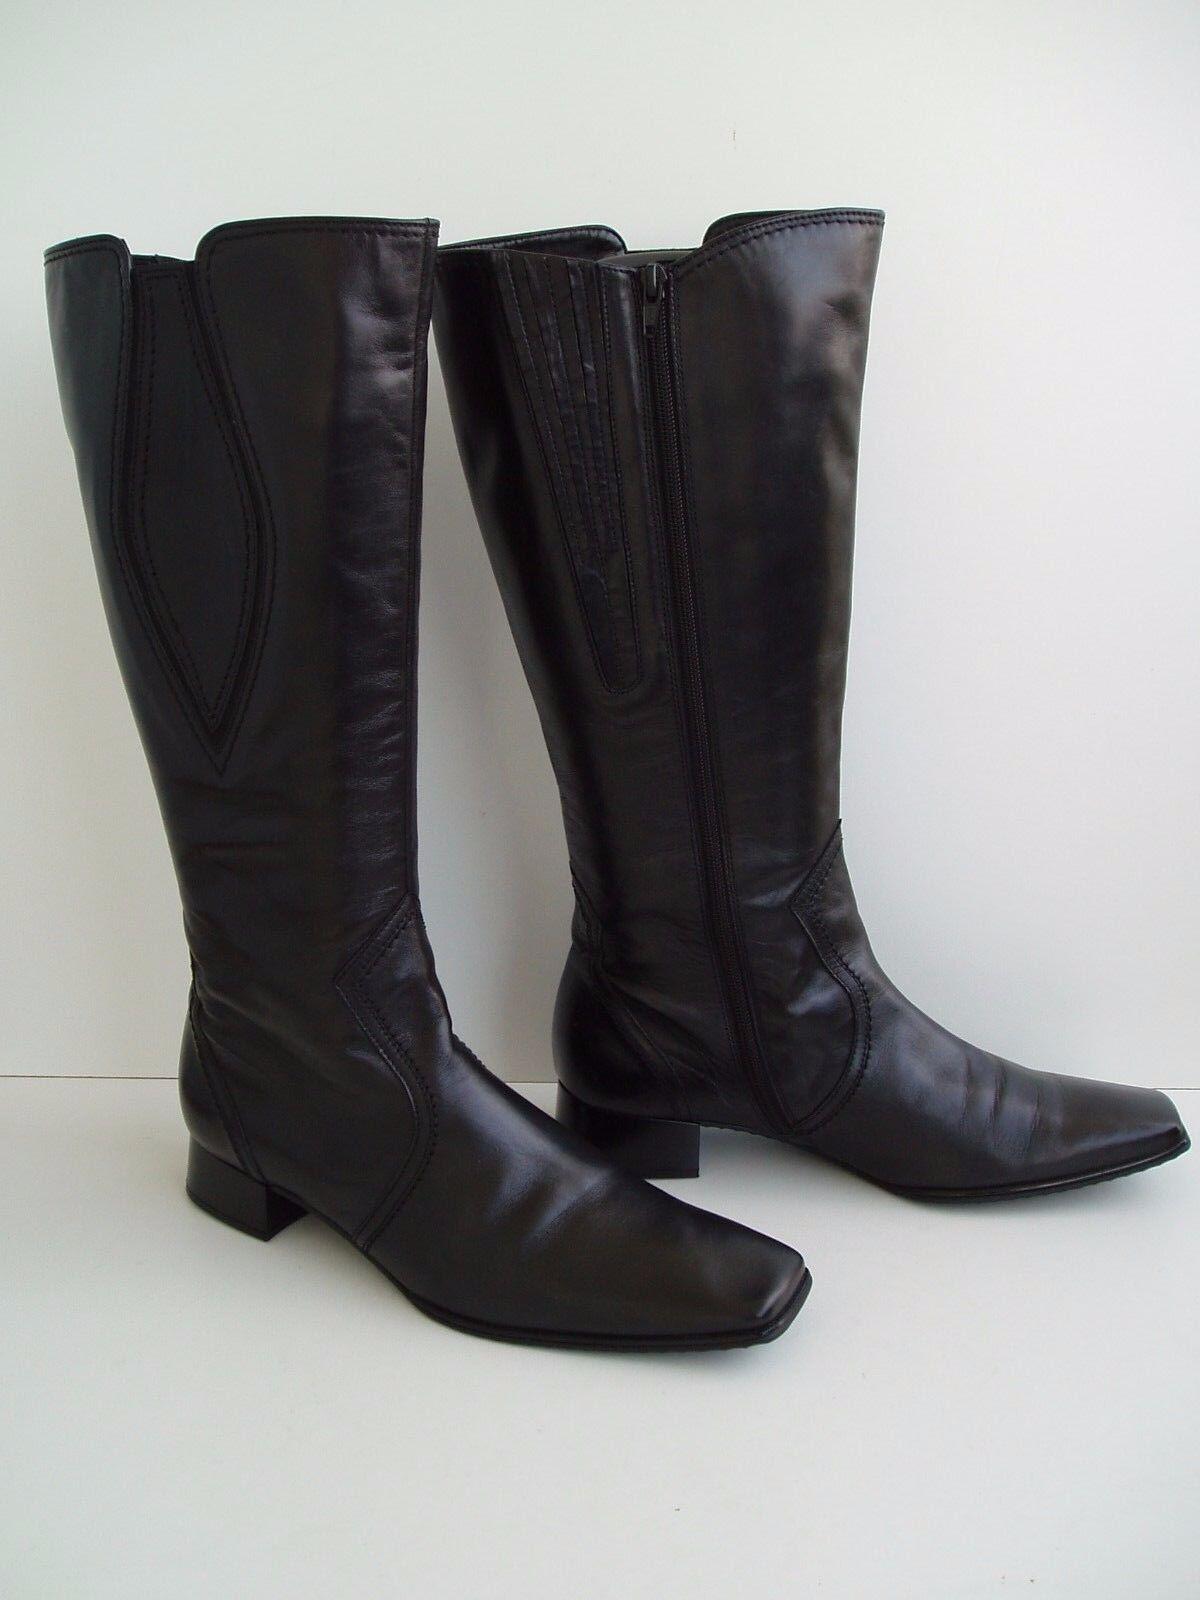 Gabor Damen Leder, Stiefel Größe UK 8, Leder, Damen neu 22e8dc